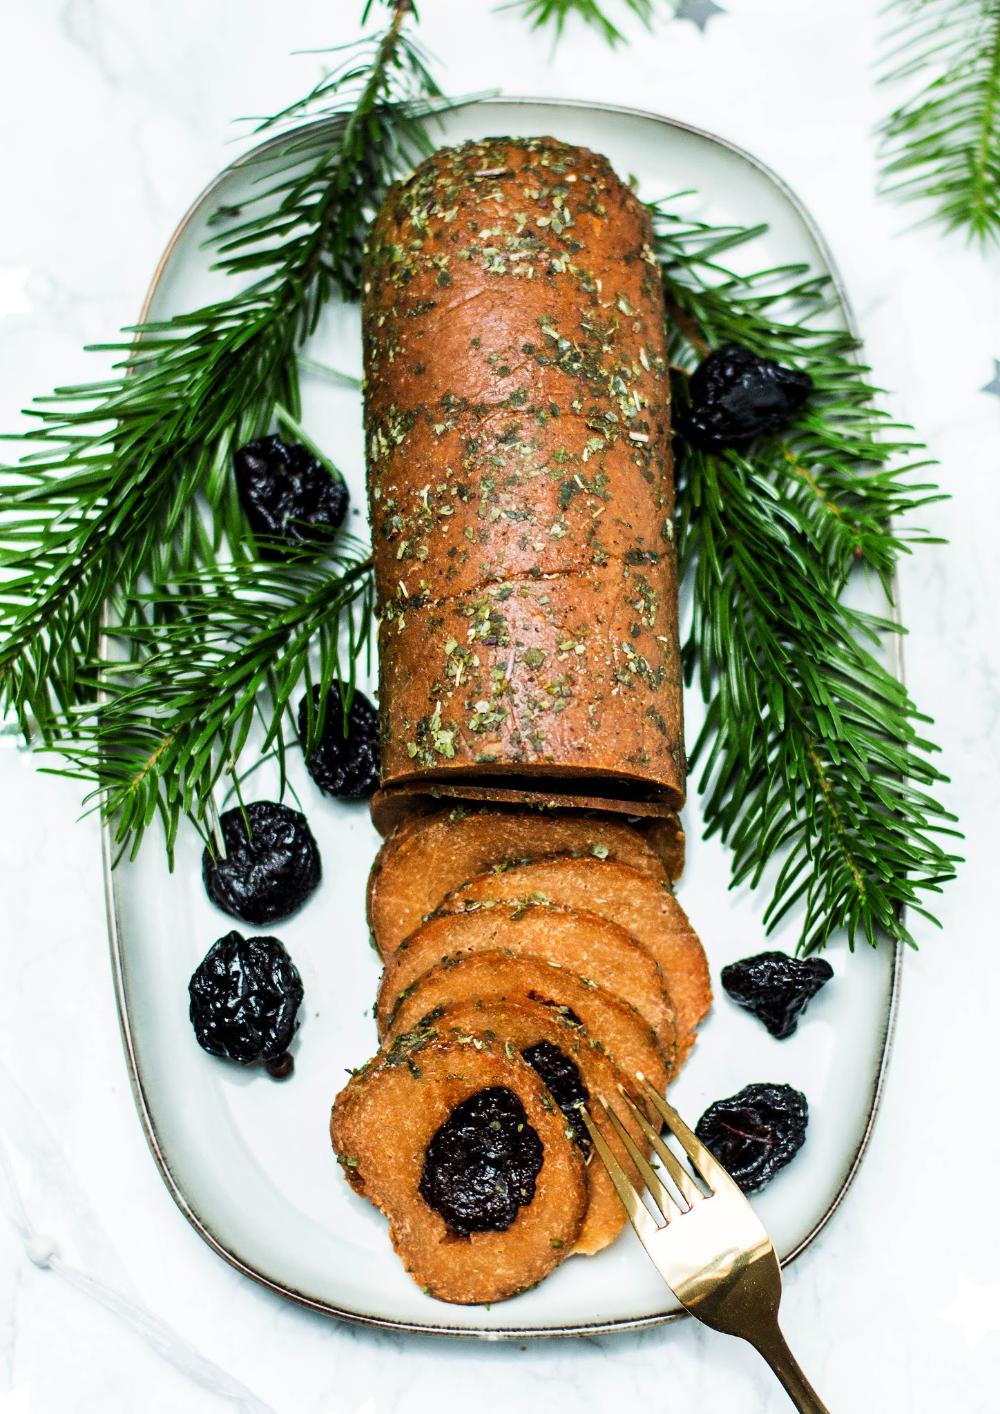 Mniumniu Kuchnia Roslinna Pieczen Seitanowa Z Suszonymi Sliwkami Food Christmas